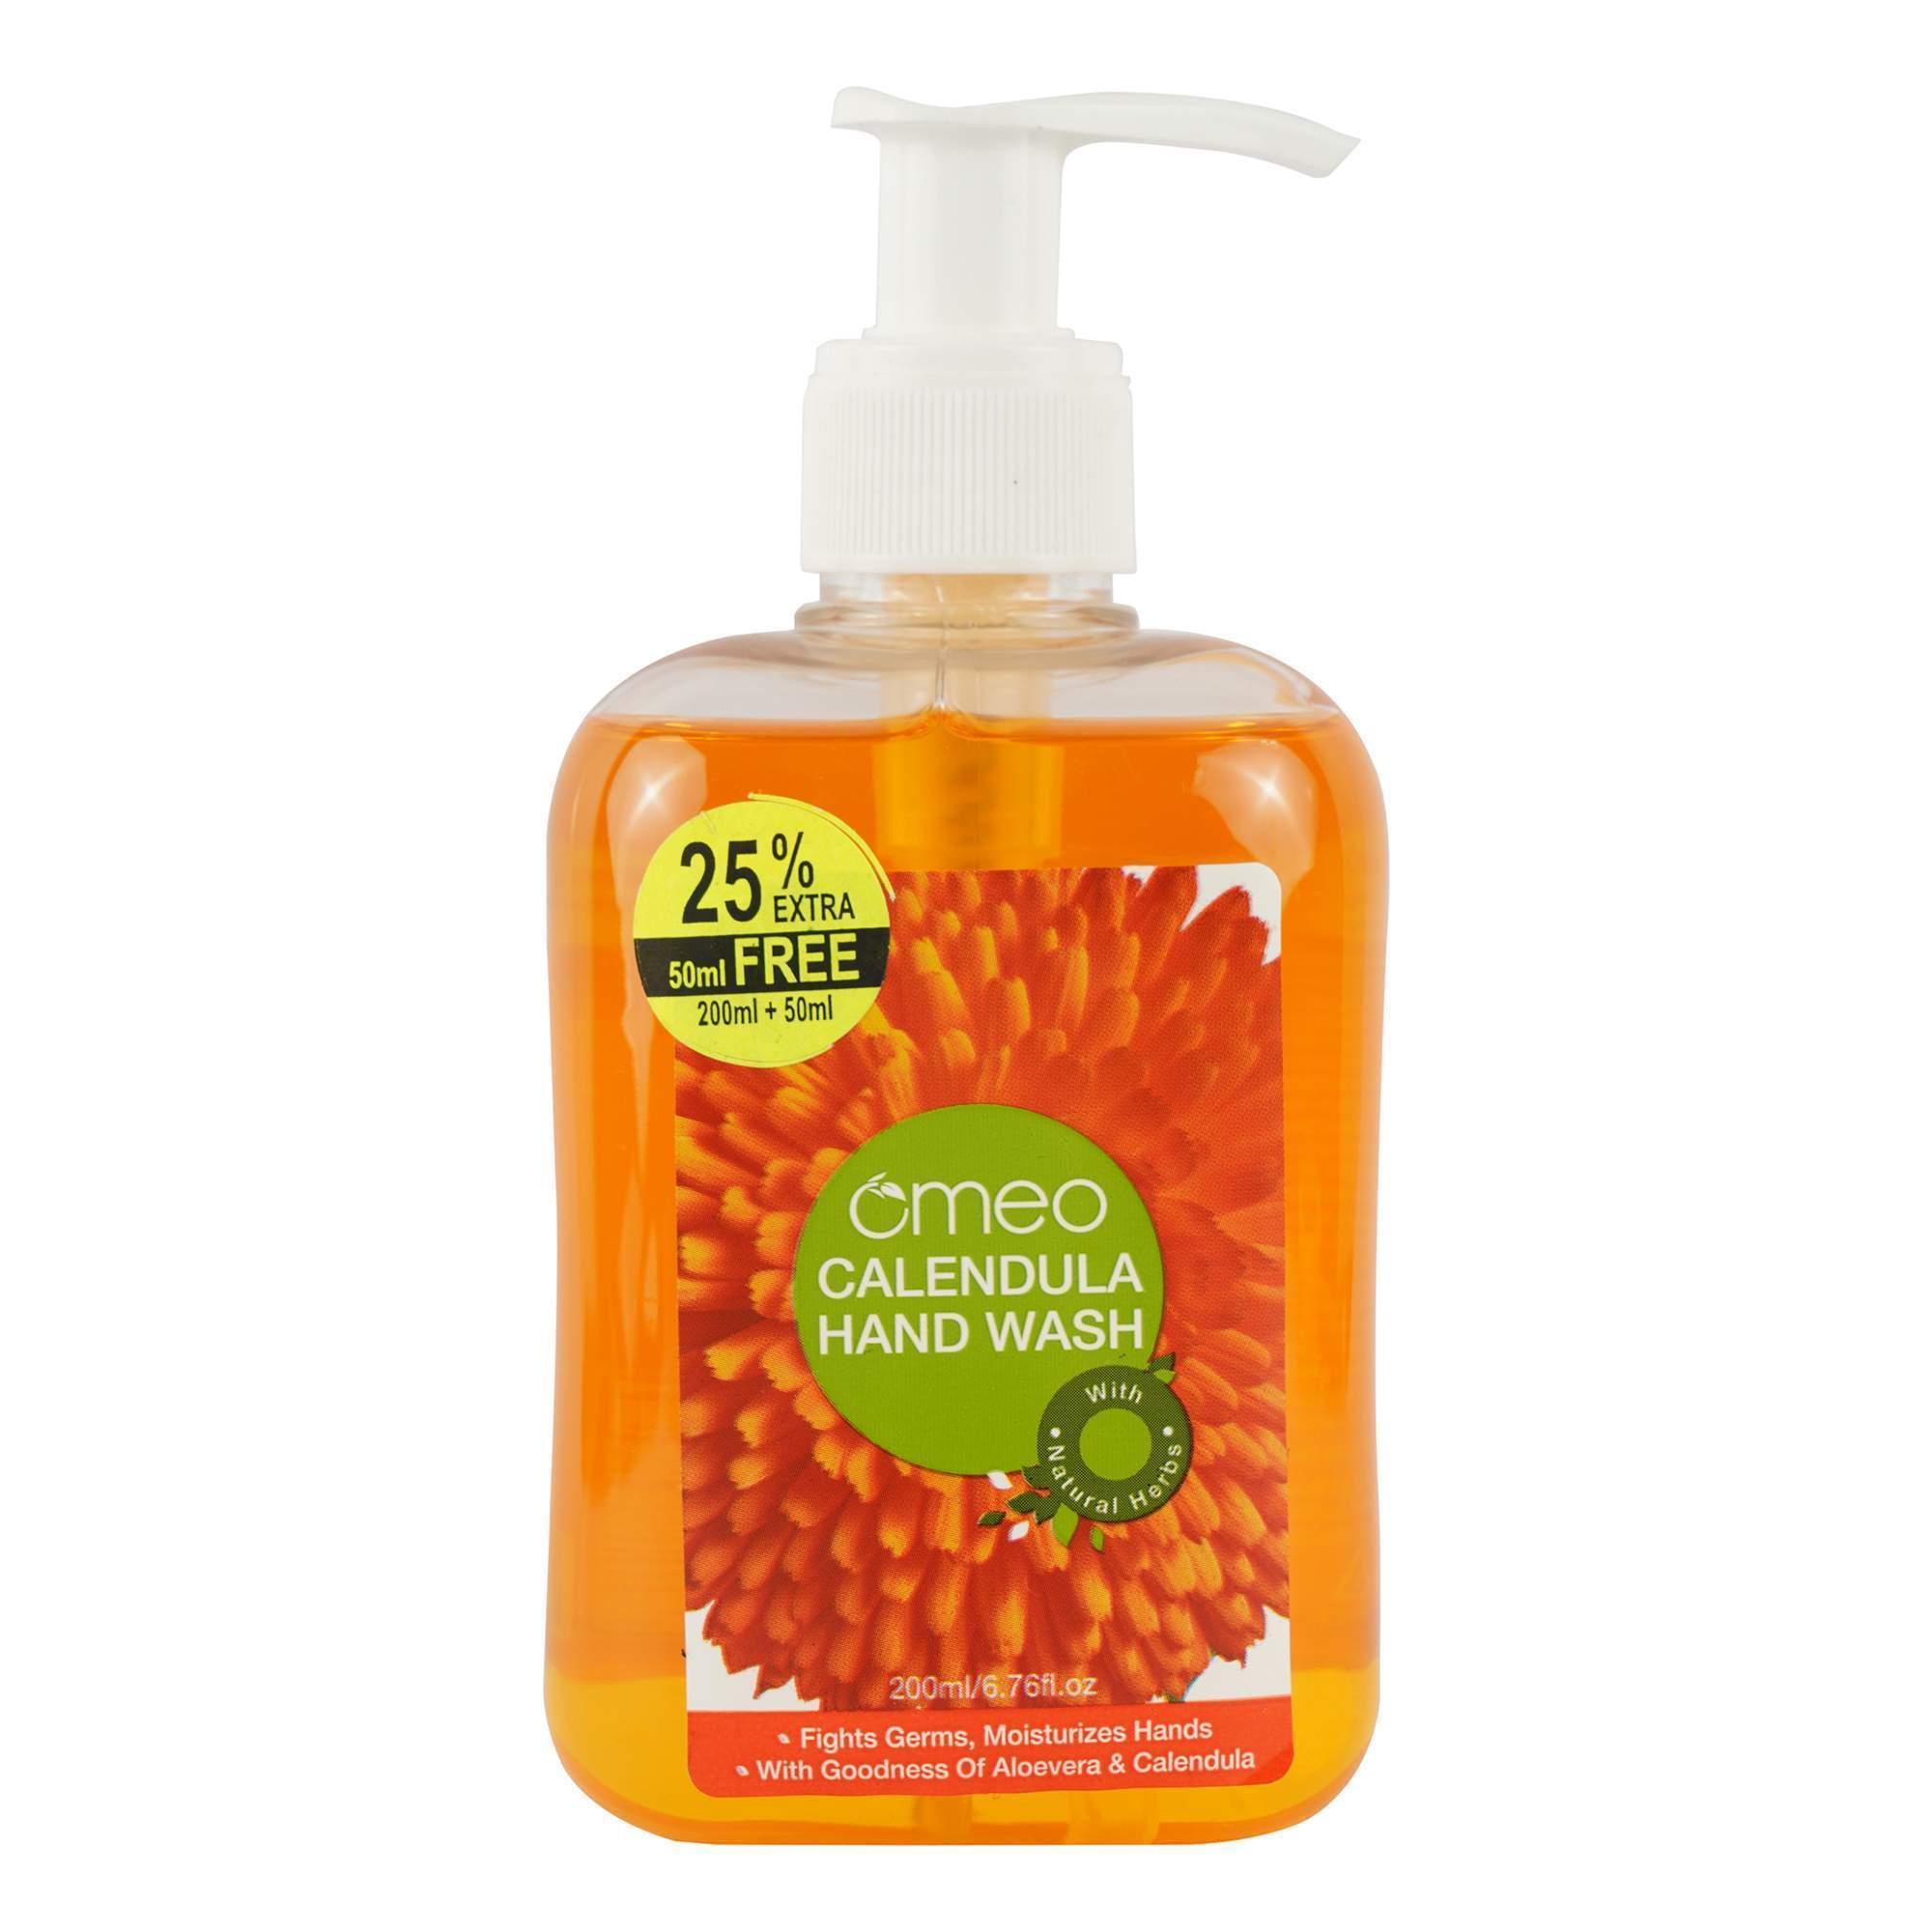 Omeo Calendula Hand Wash